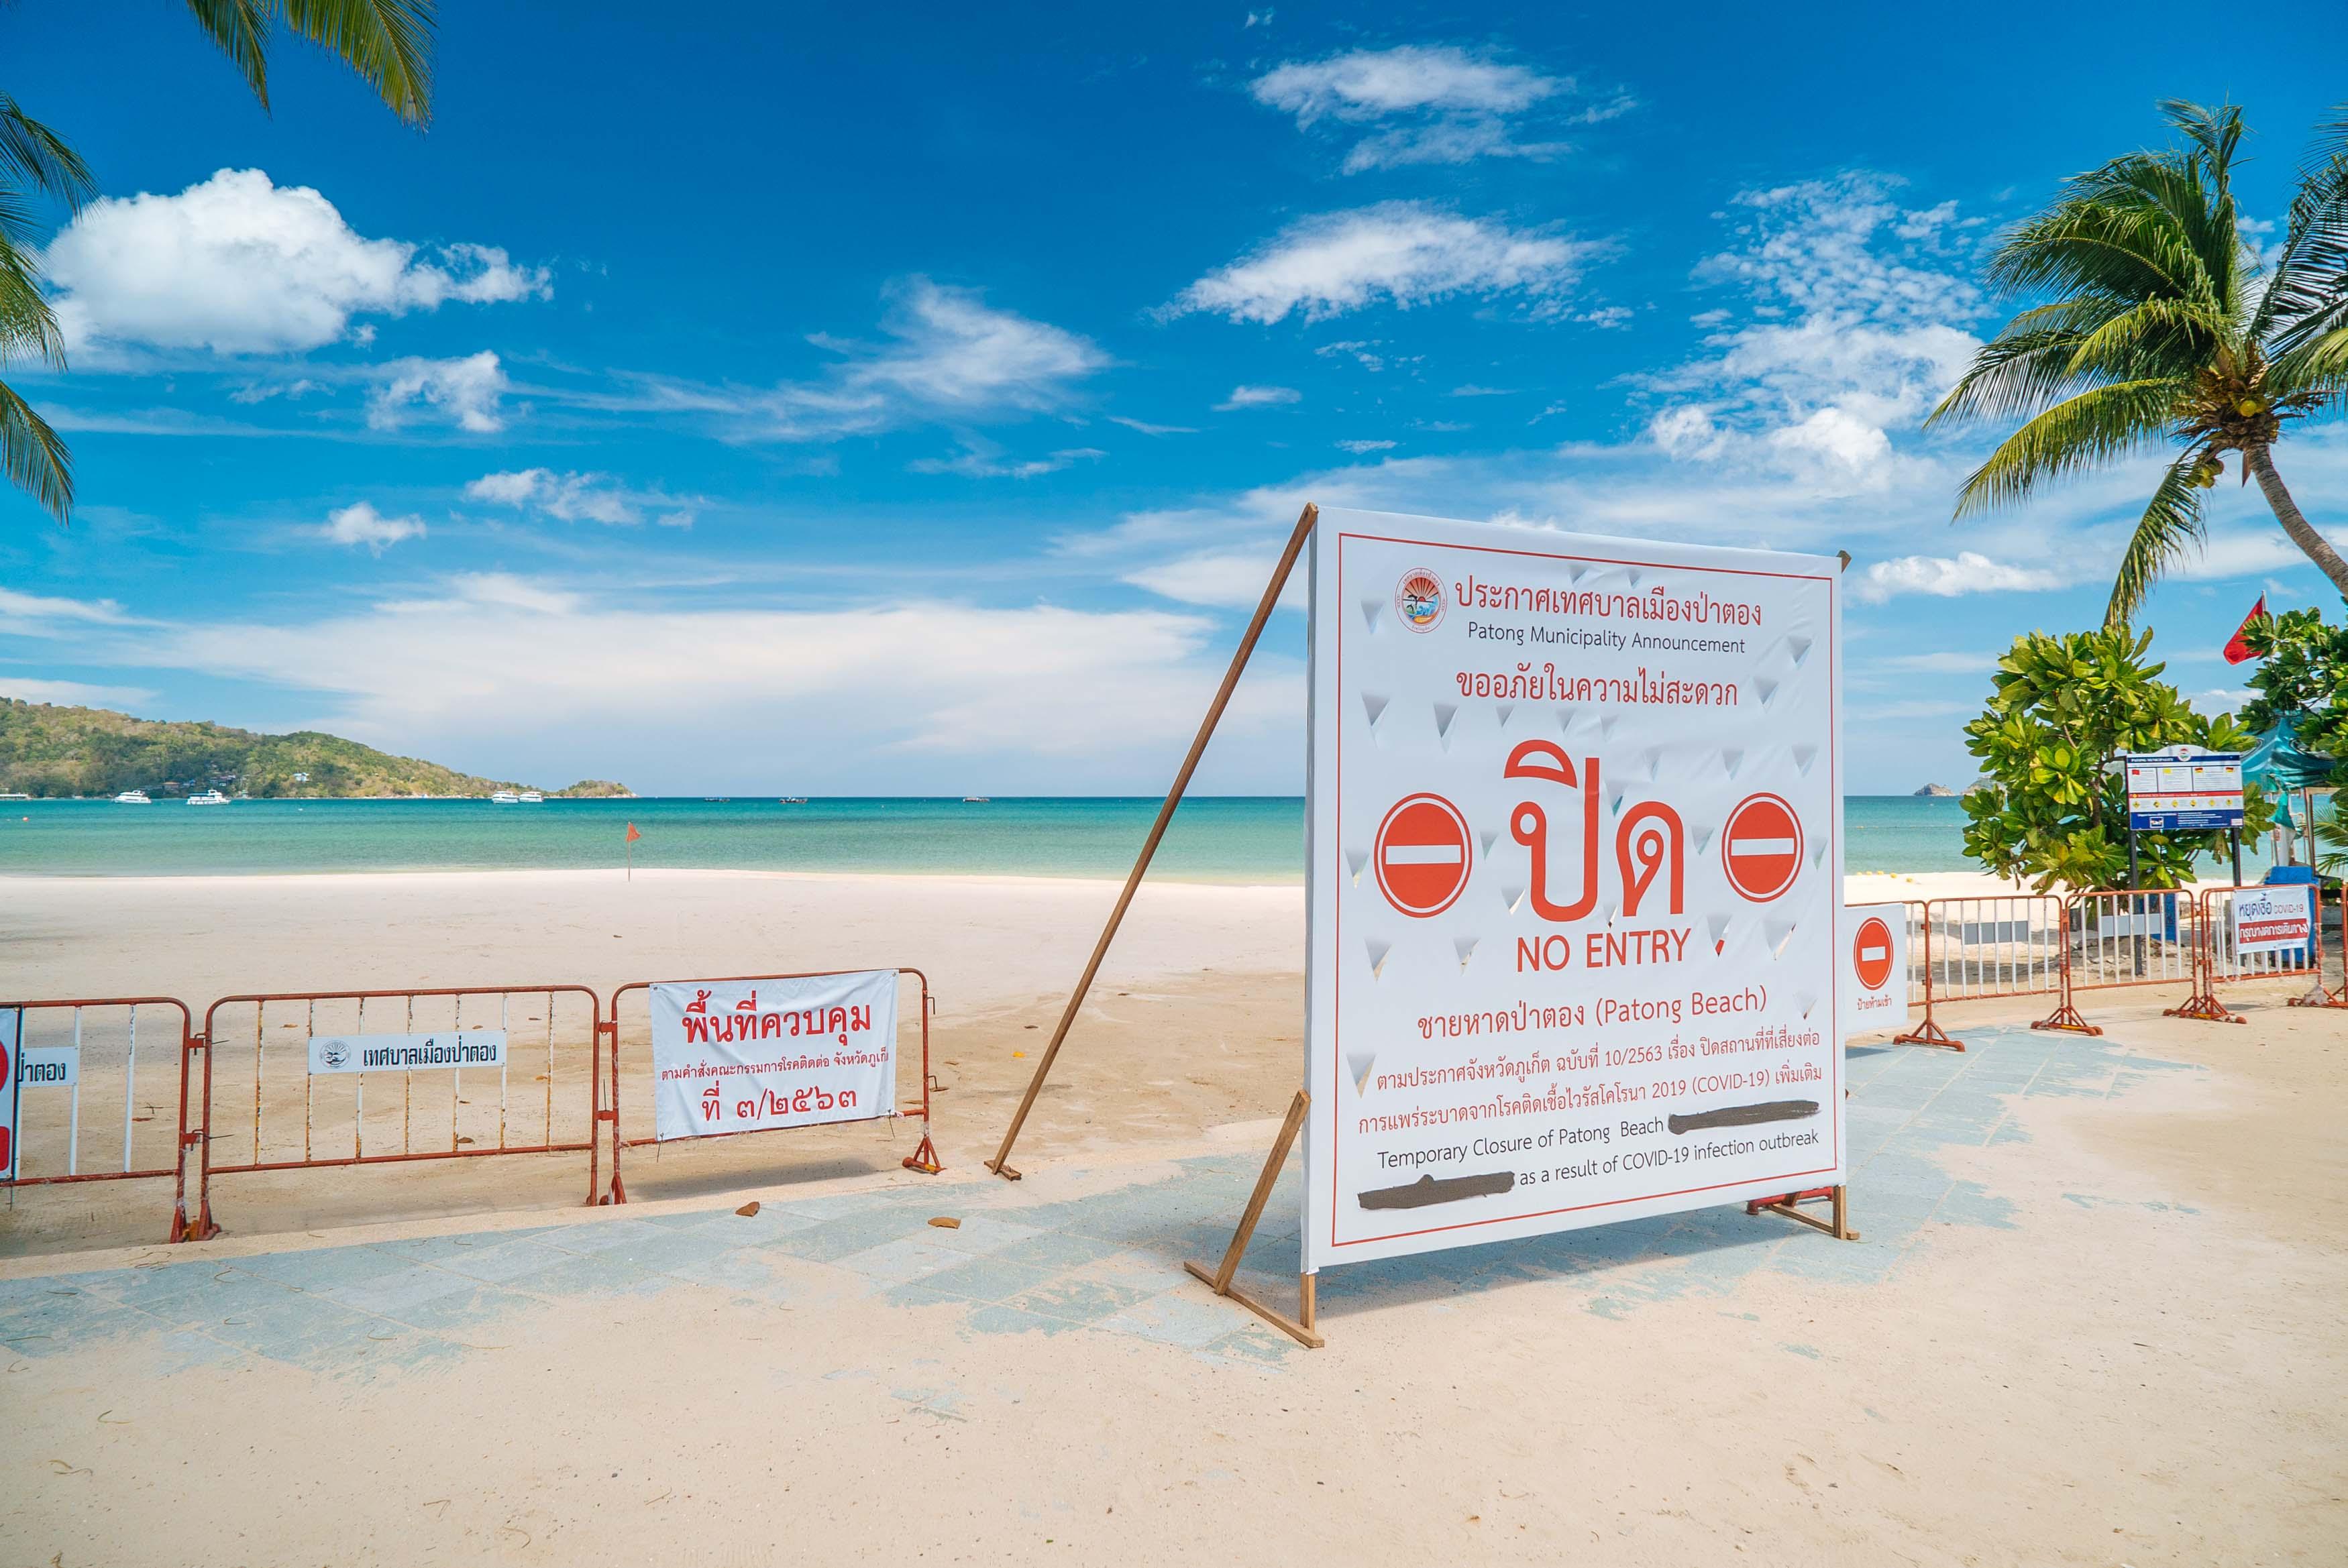 В Таиланде зафиксирована вспышка коронавируса